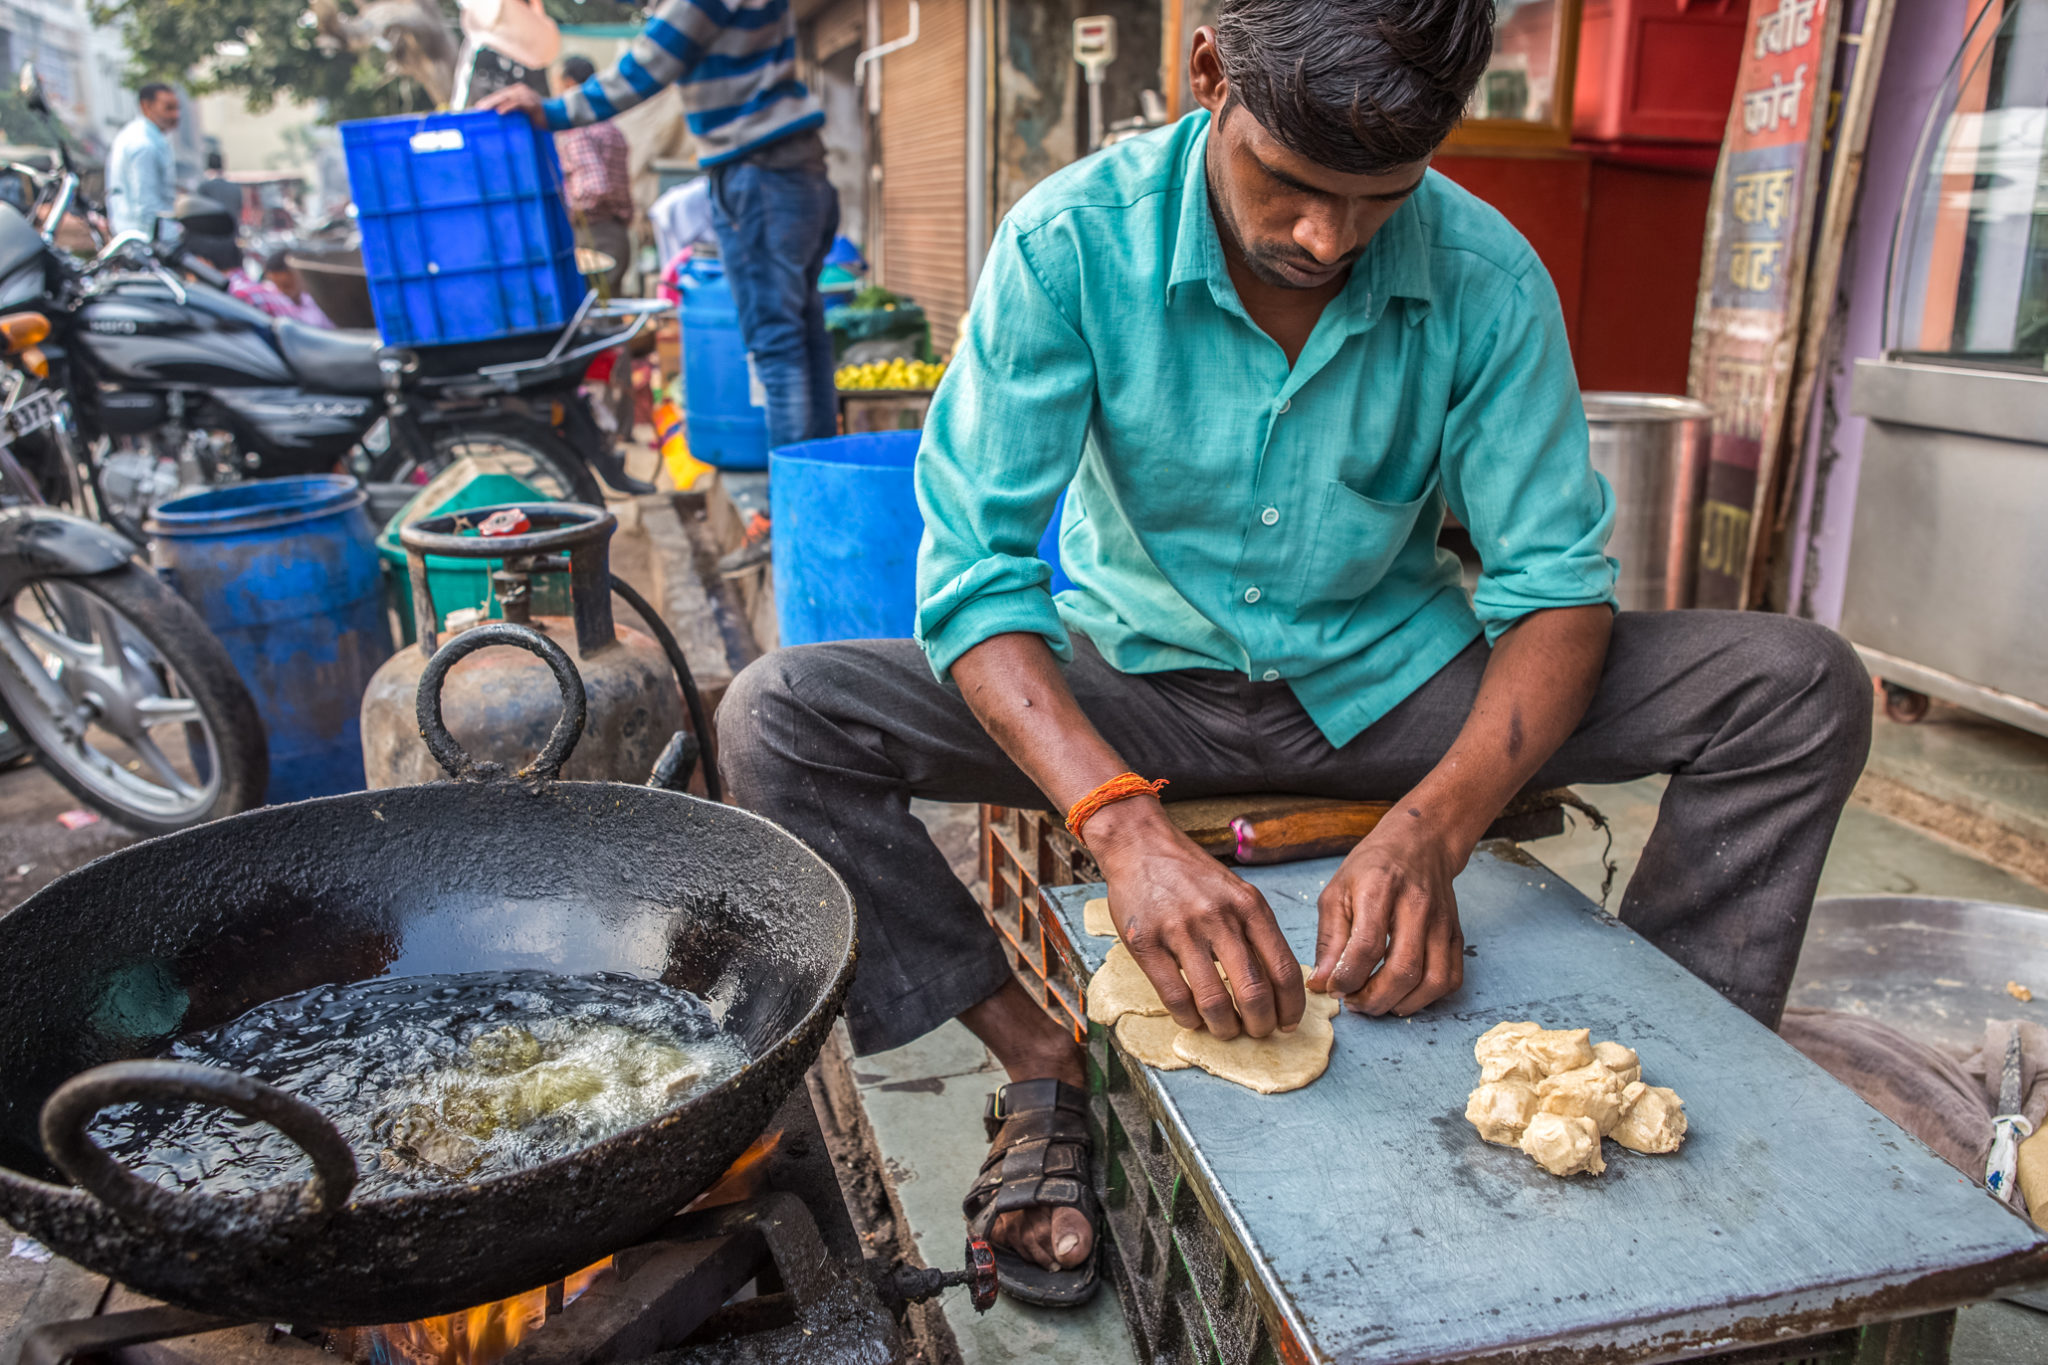 cuisine-inde-jaipur-visite-voyage